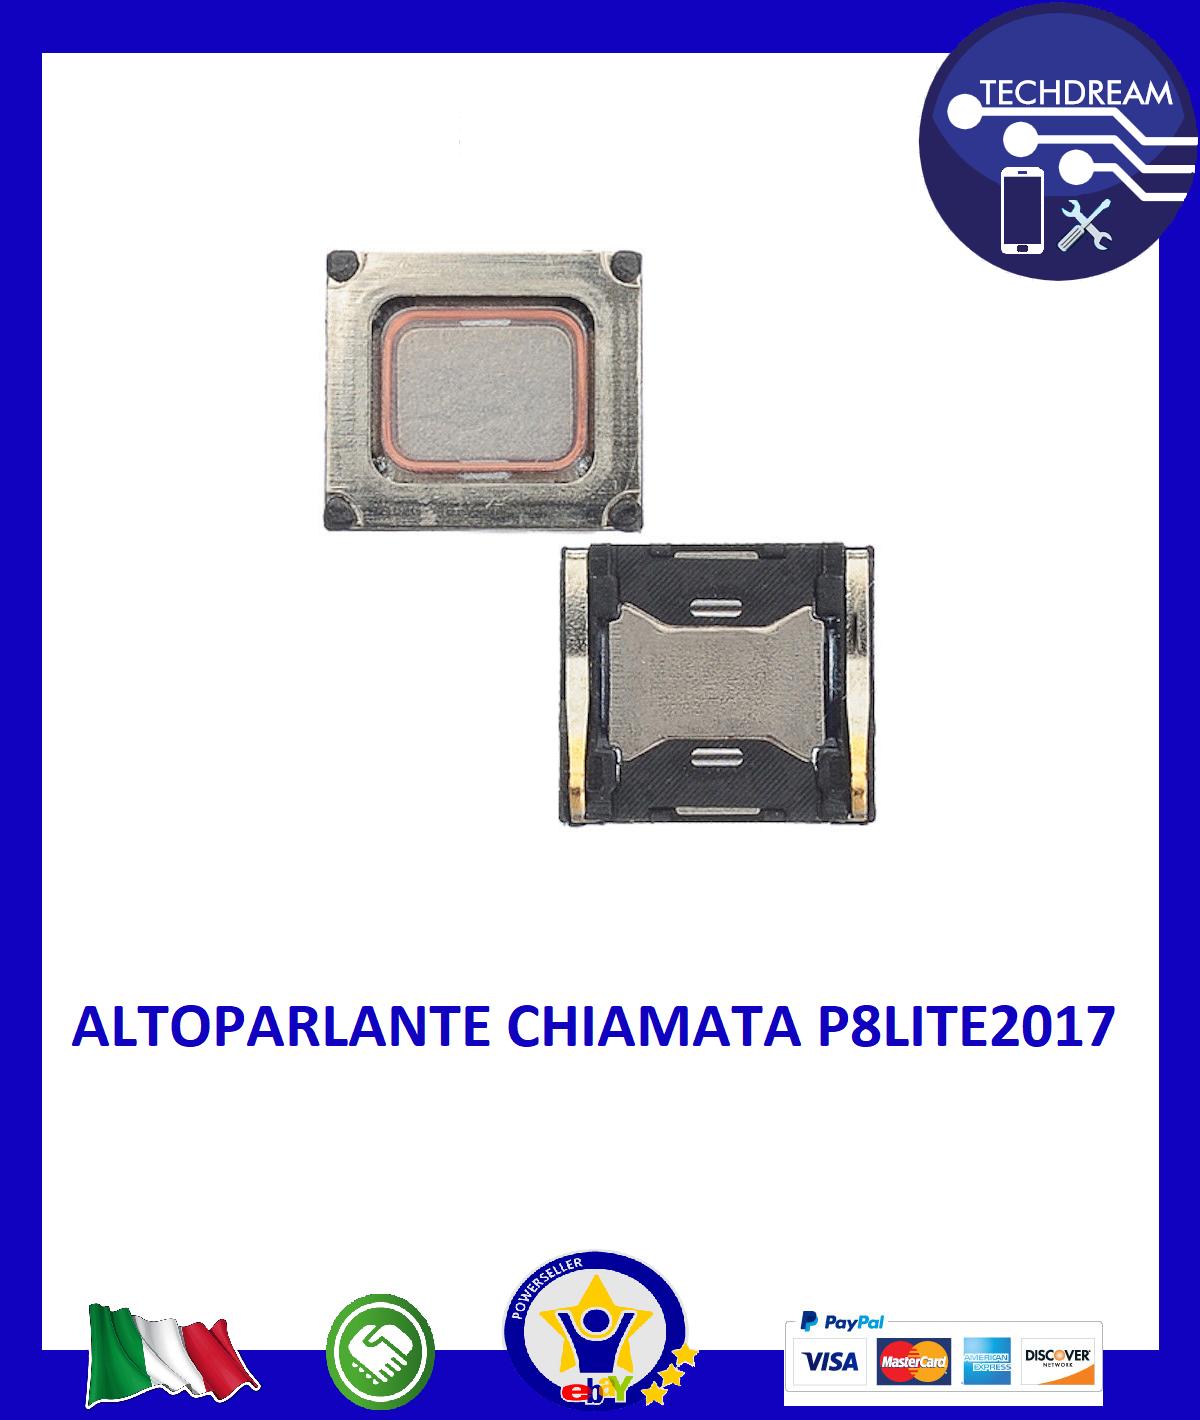 SPEAKER ALTOPARLANTE CHIAMATA EARPIECE ASCOLTO VOCE CHIAMATE HUAWEI P8LITE2017